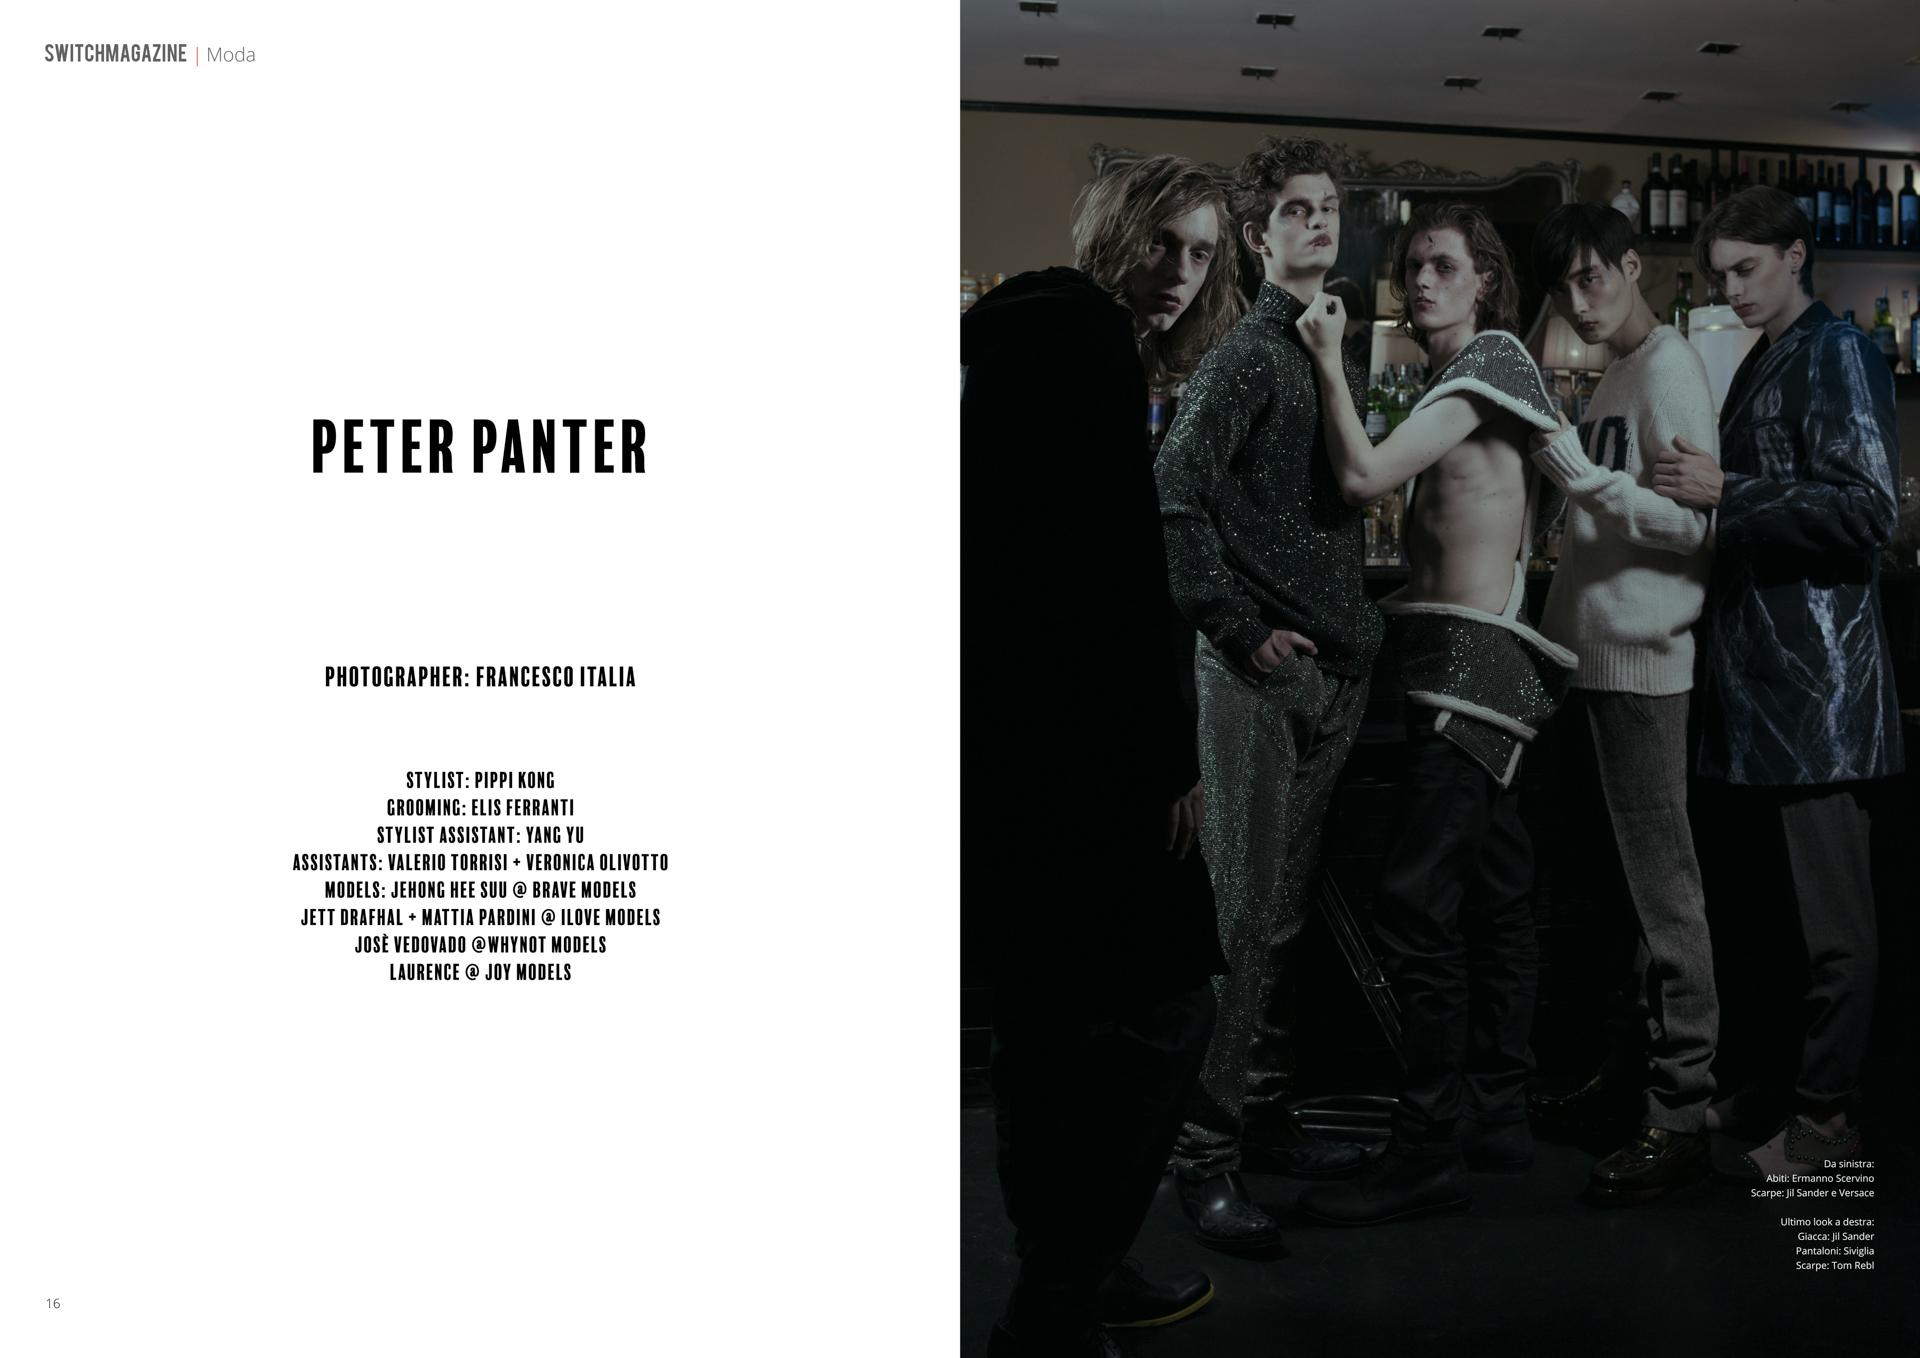 Peter Panter